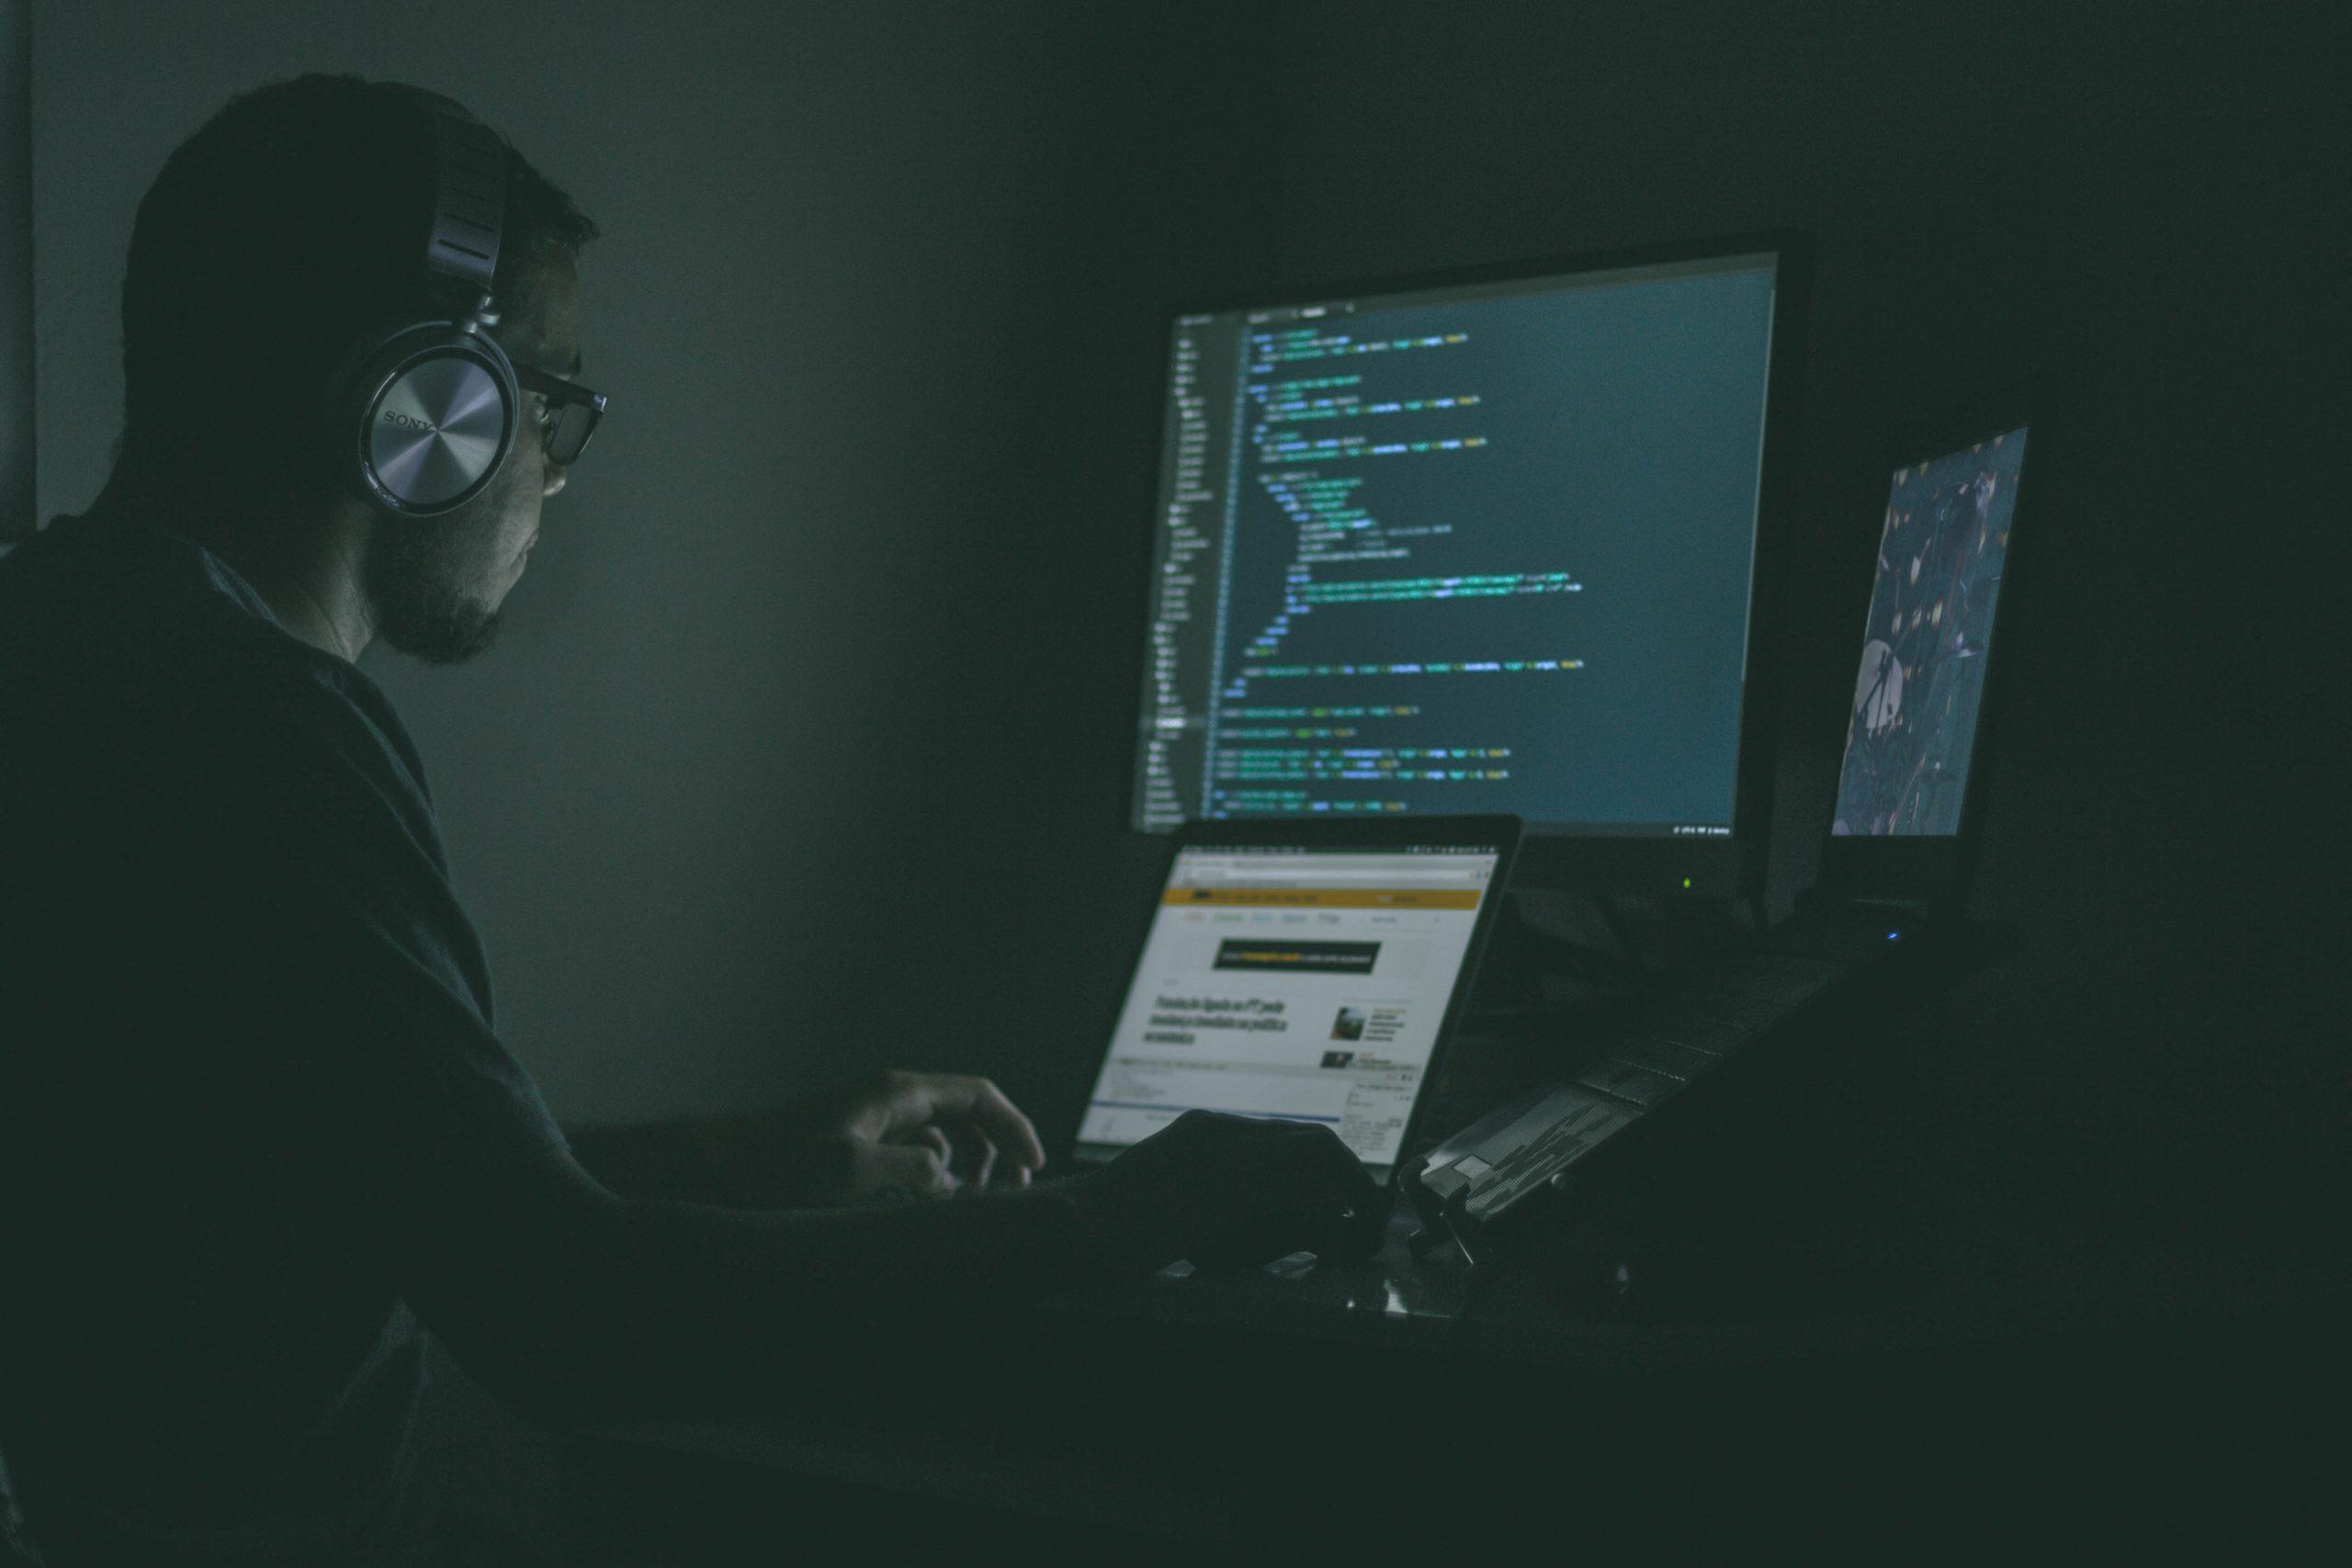 INM denuncia ante la fiscalía un intento de hackeo en sus sistemas informáticos